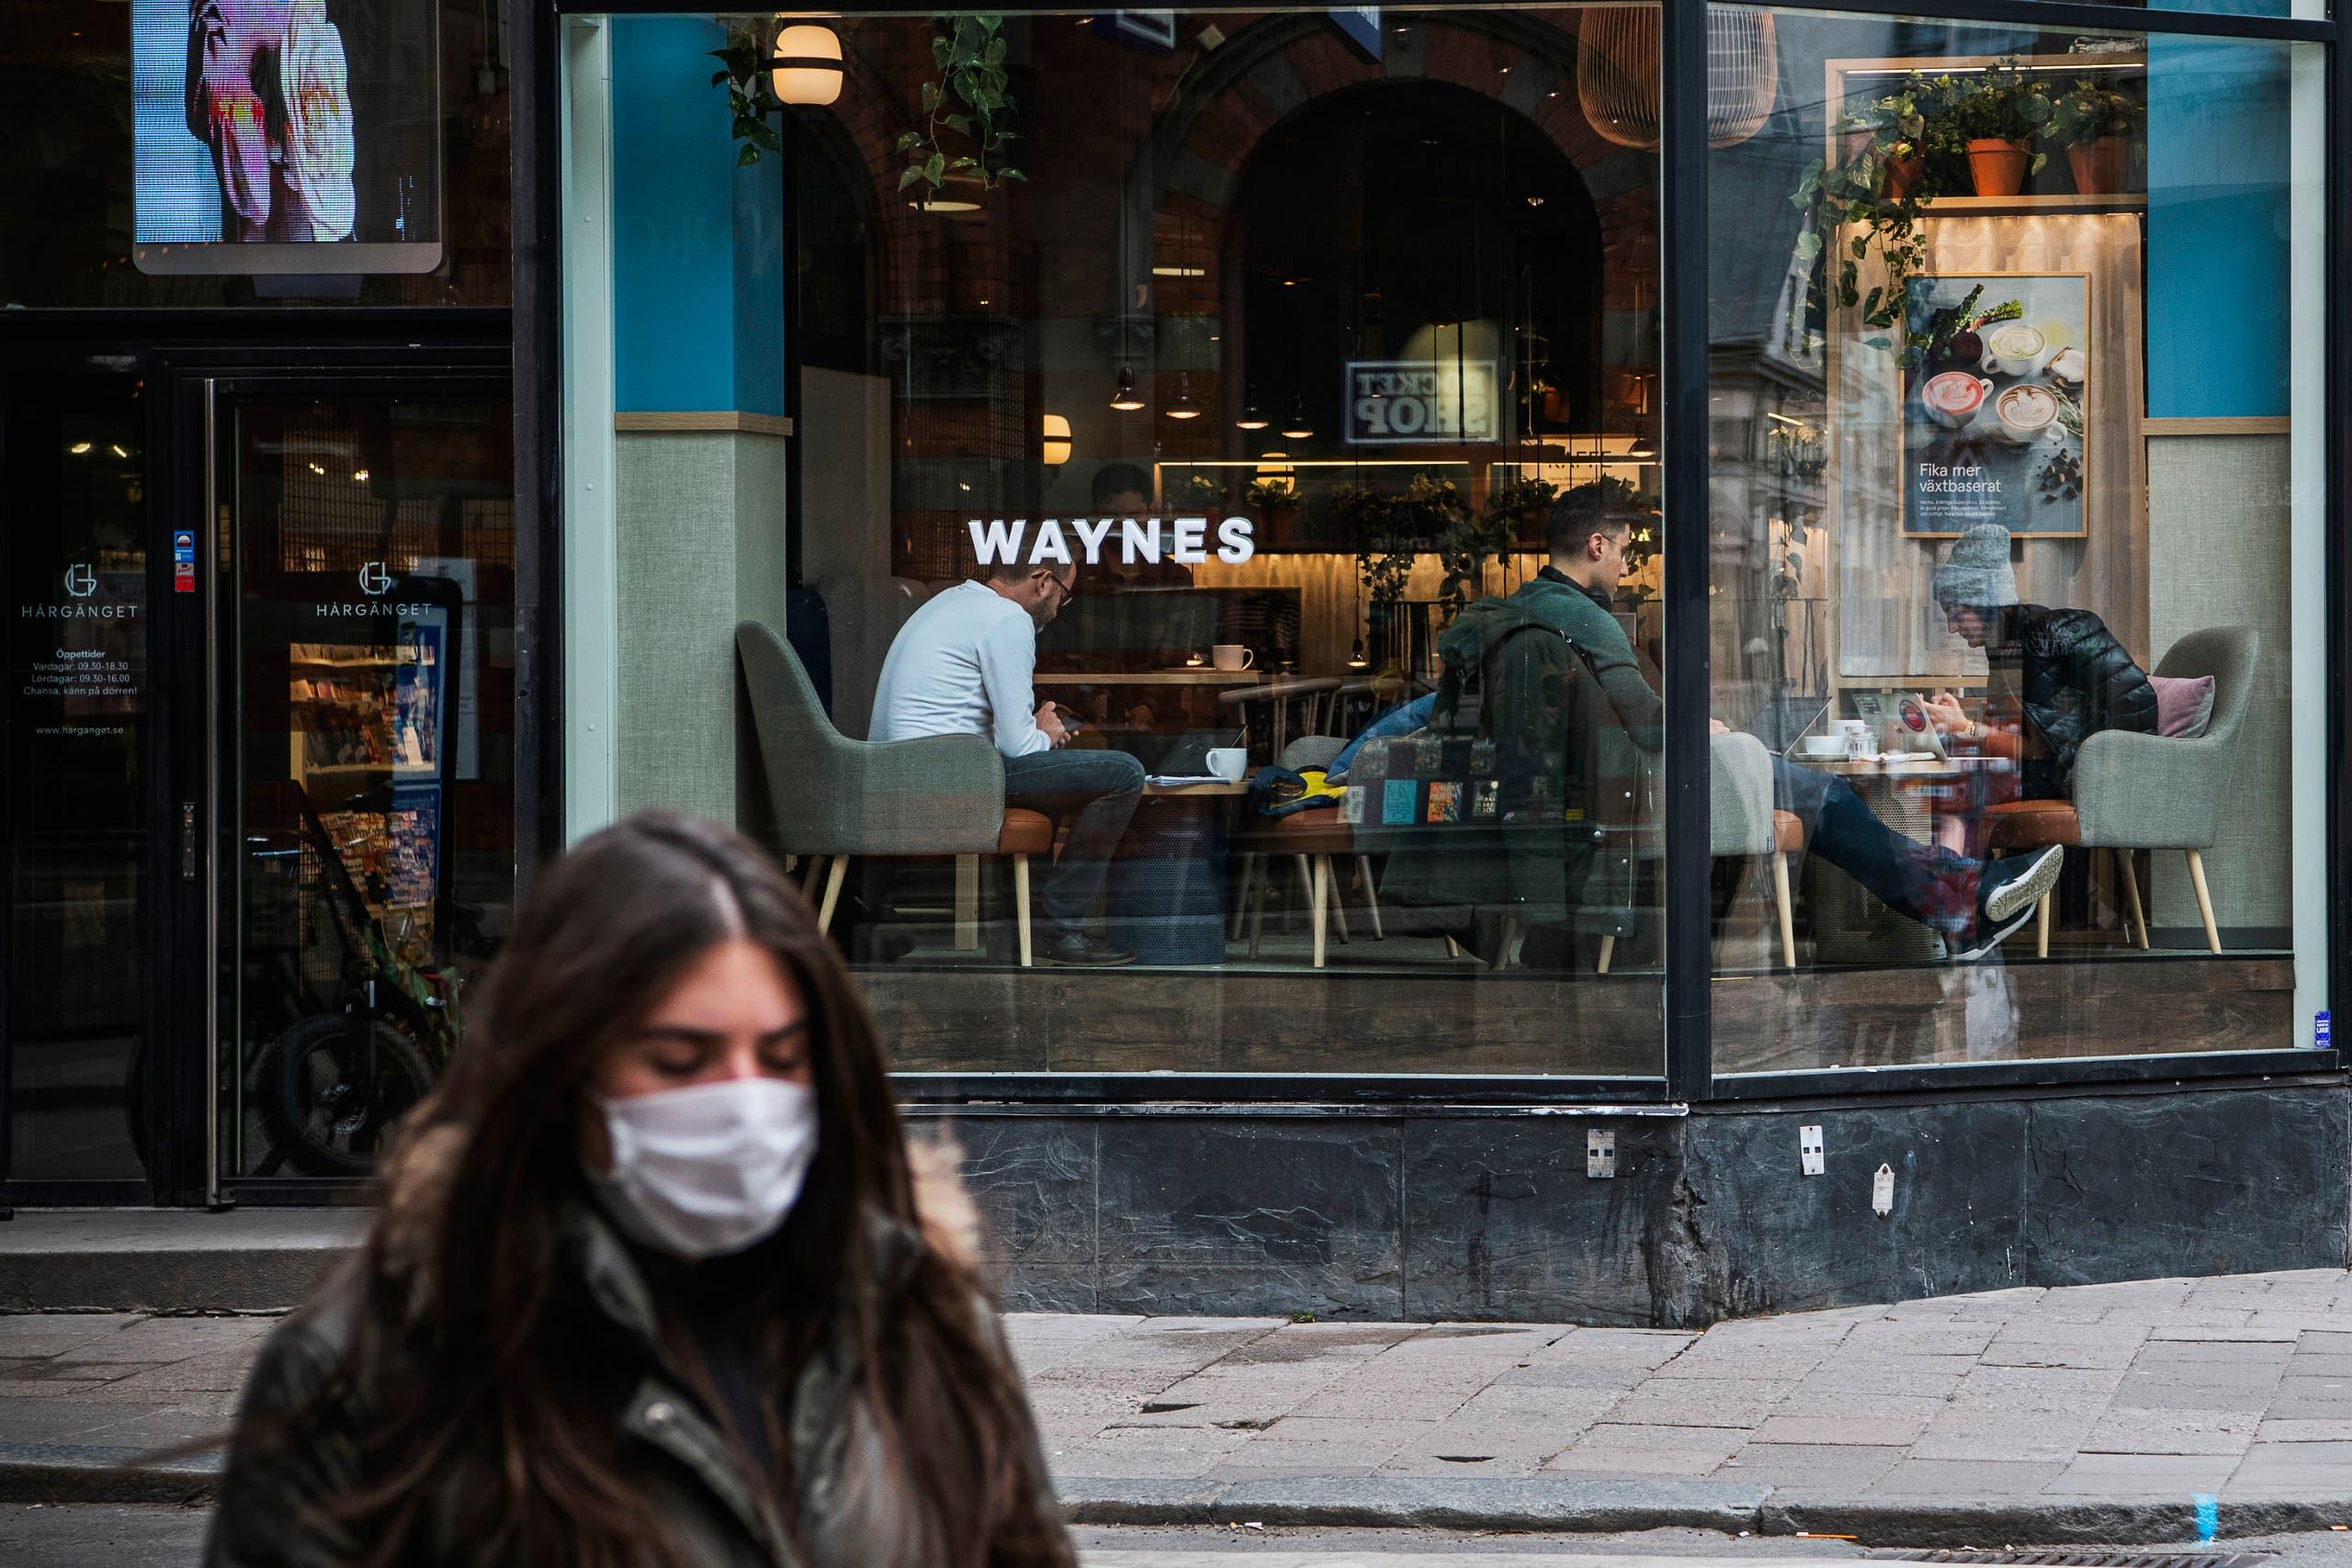 شابة ترتدي كمامة خلال مرورها أمام مقهى مزدحم في ستوكهولم